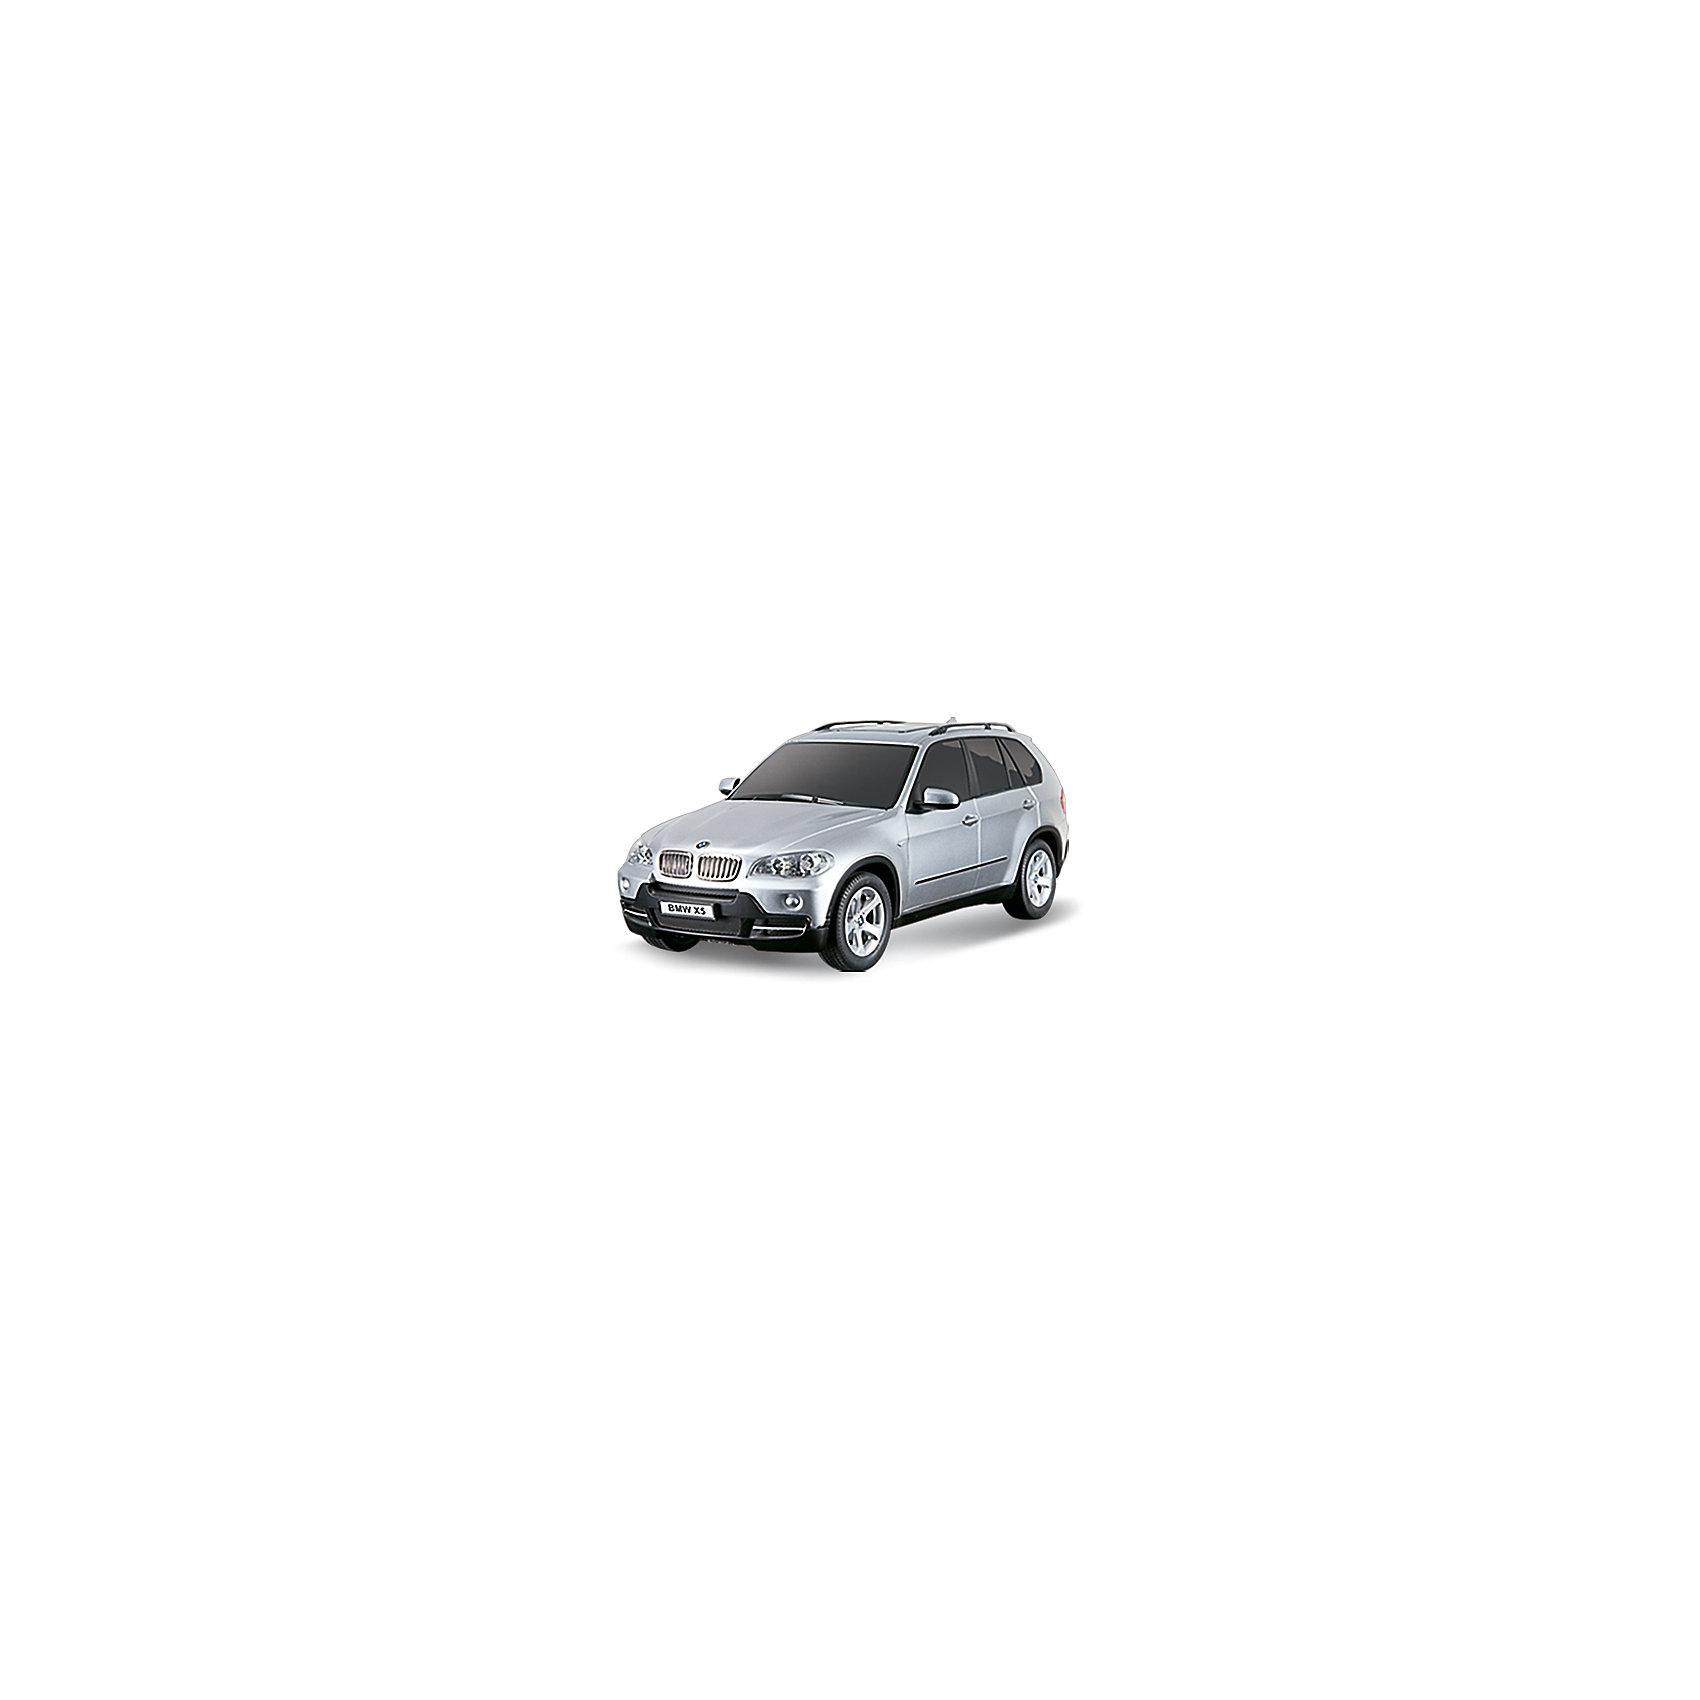 - Машина BMW X5, 1:18, со светом, р/у, RASTAR, в ассортименте машины gk racer series машина р у bmw x6 со светом на батарейках